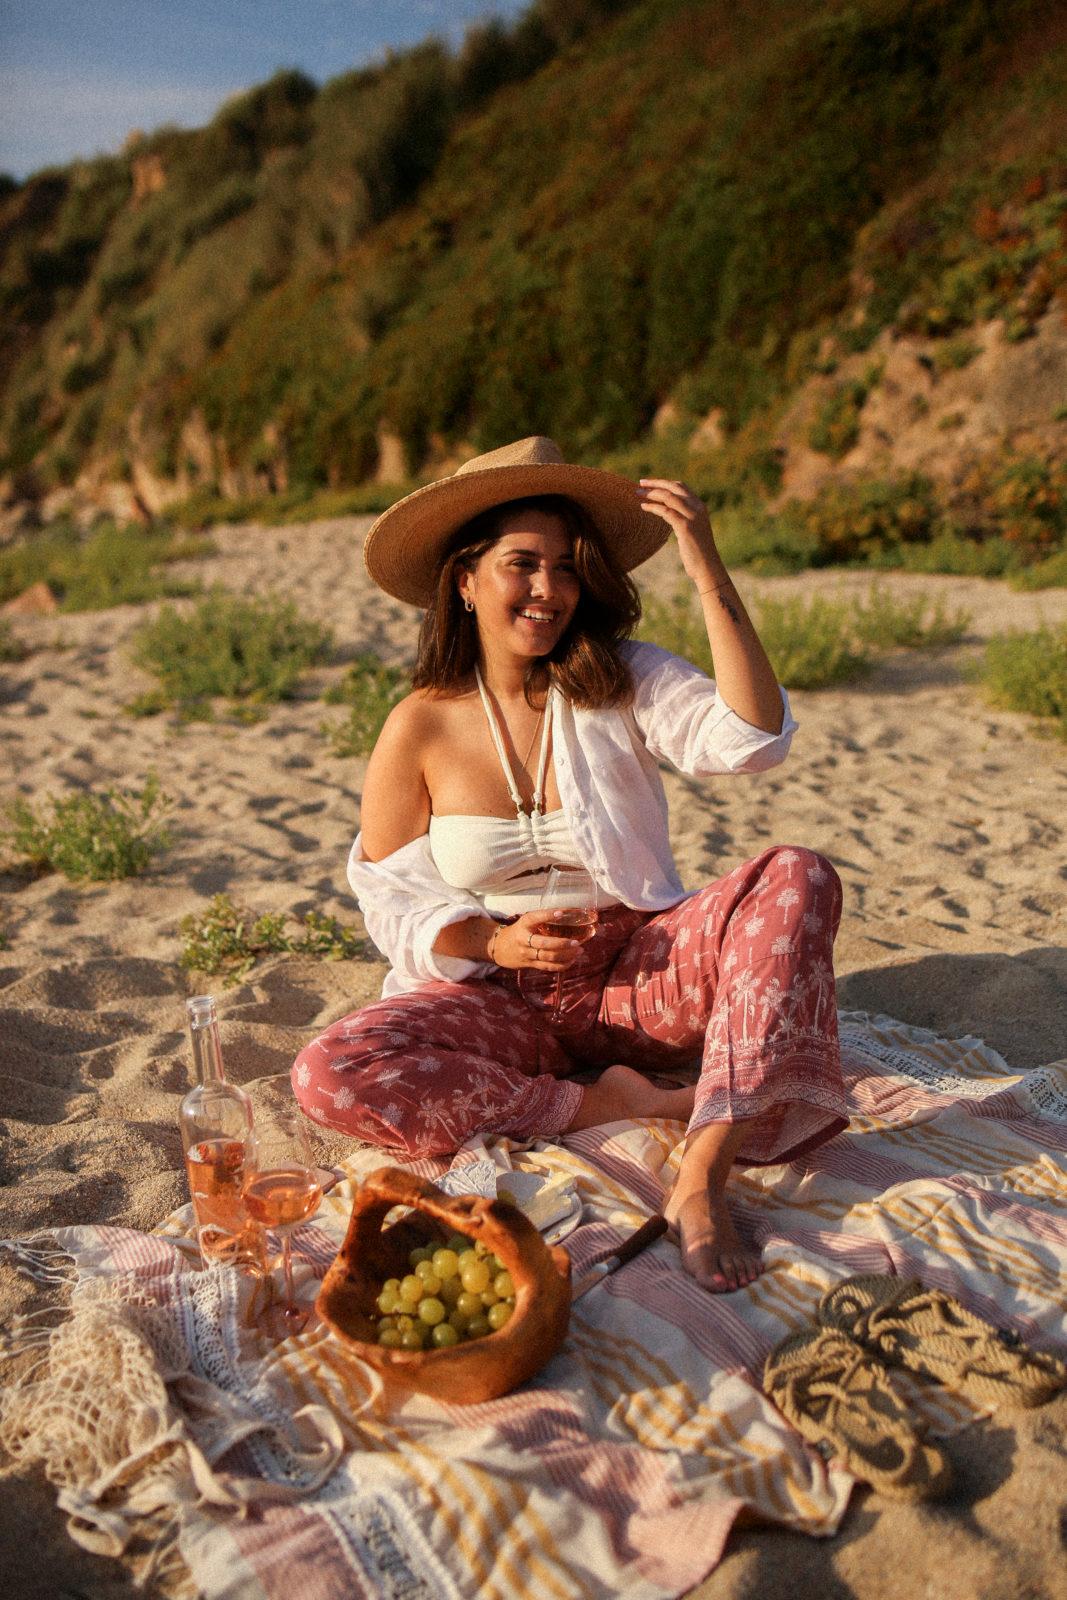 Un picnic en la playa como plan de verano